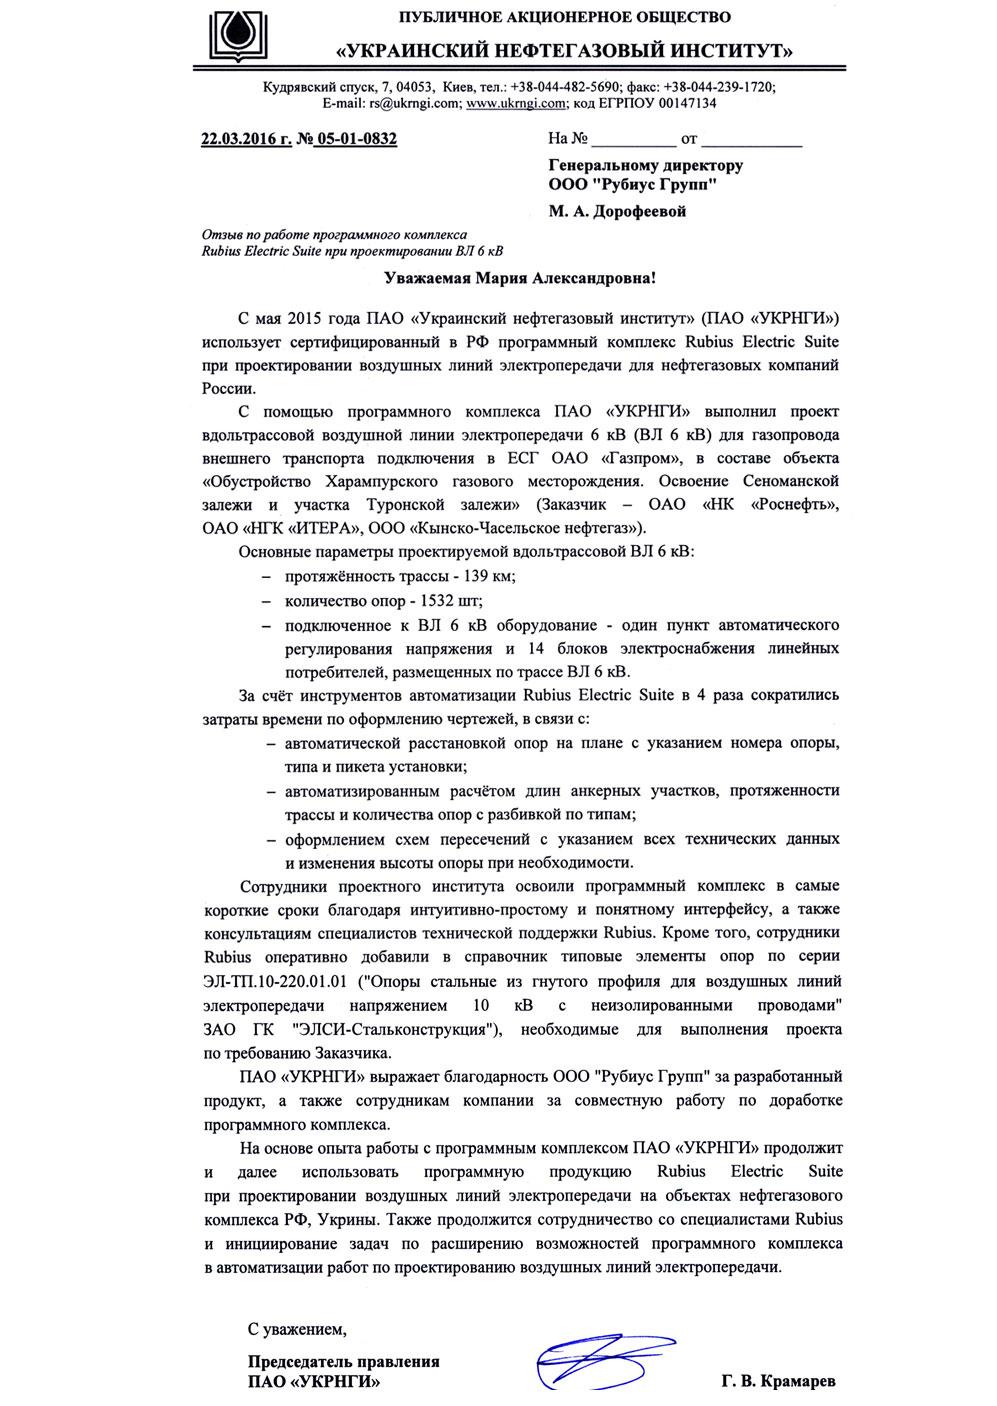 Отзыв о Rubius Electric Suite от Украинского нефтегазового института